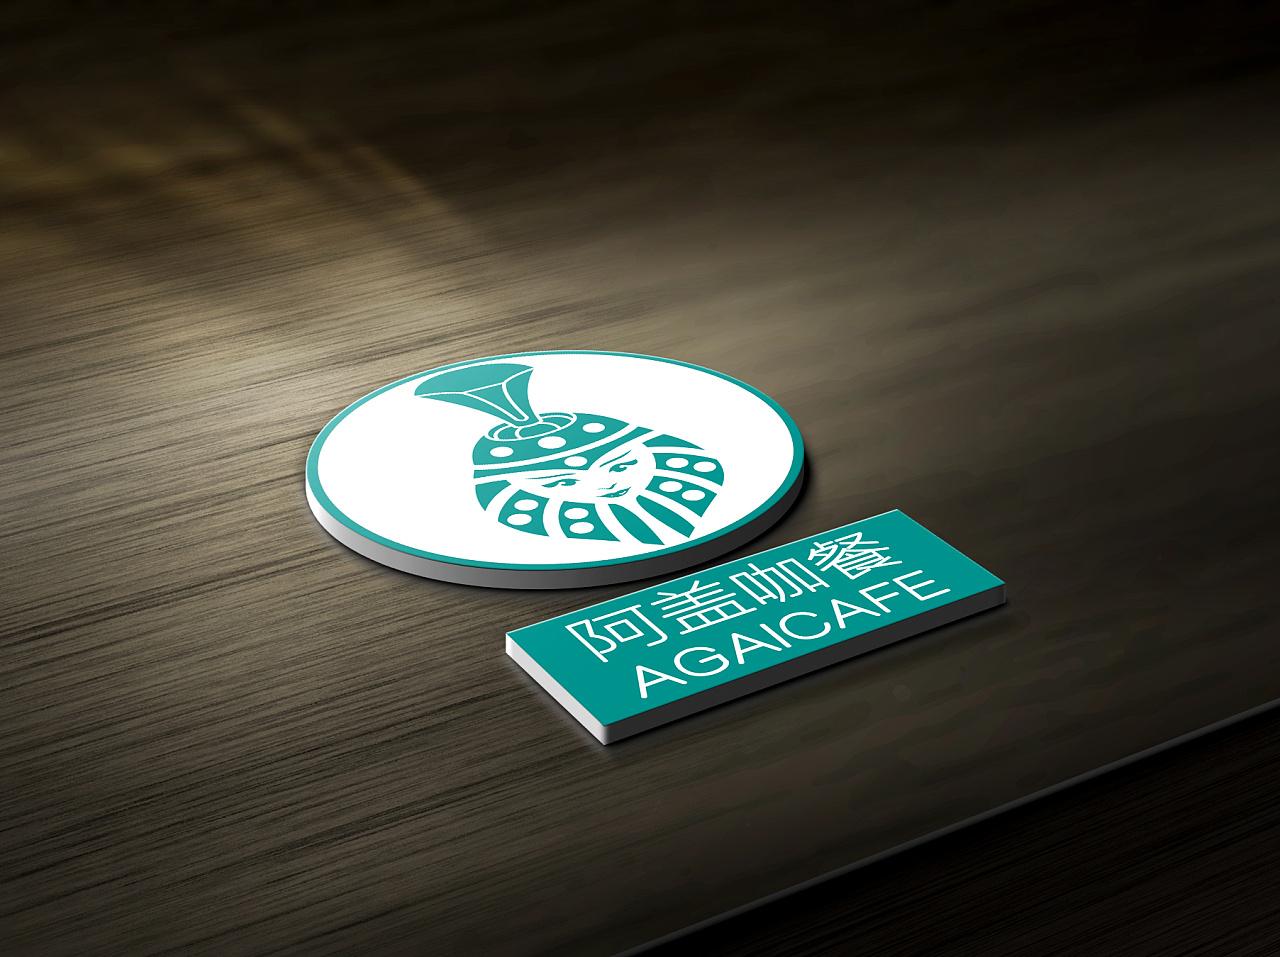 阿盖咖餐-蒙古特色logo设计 第2张